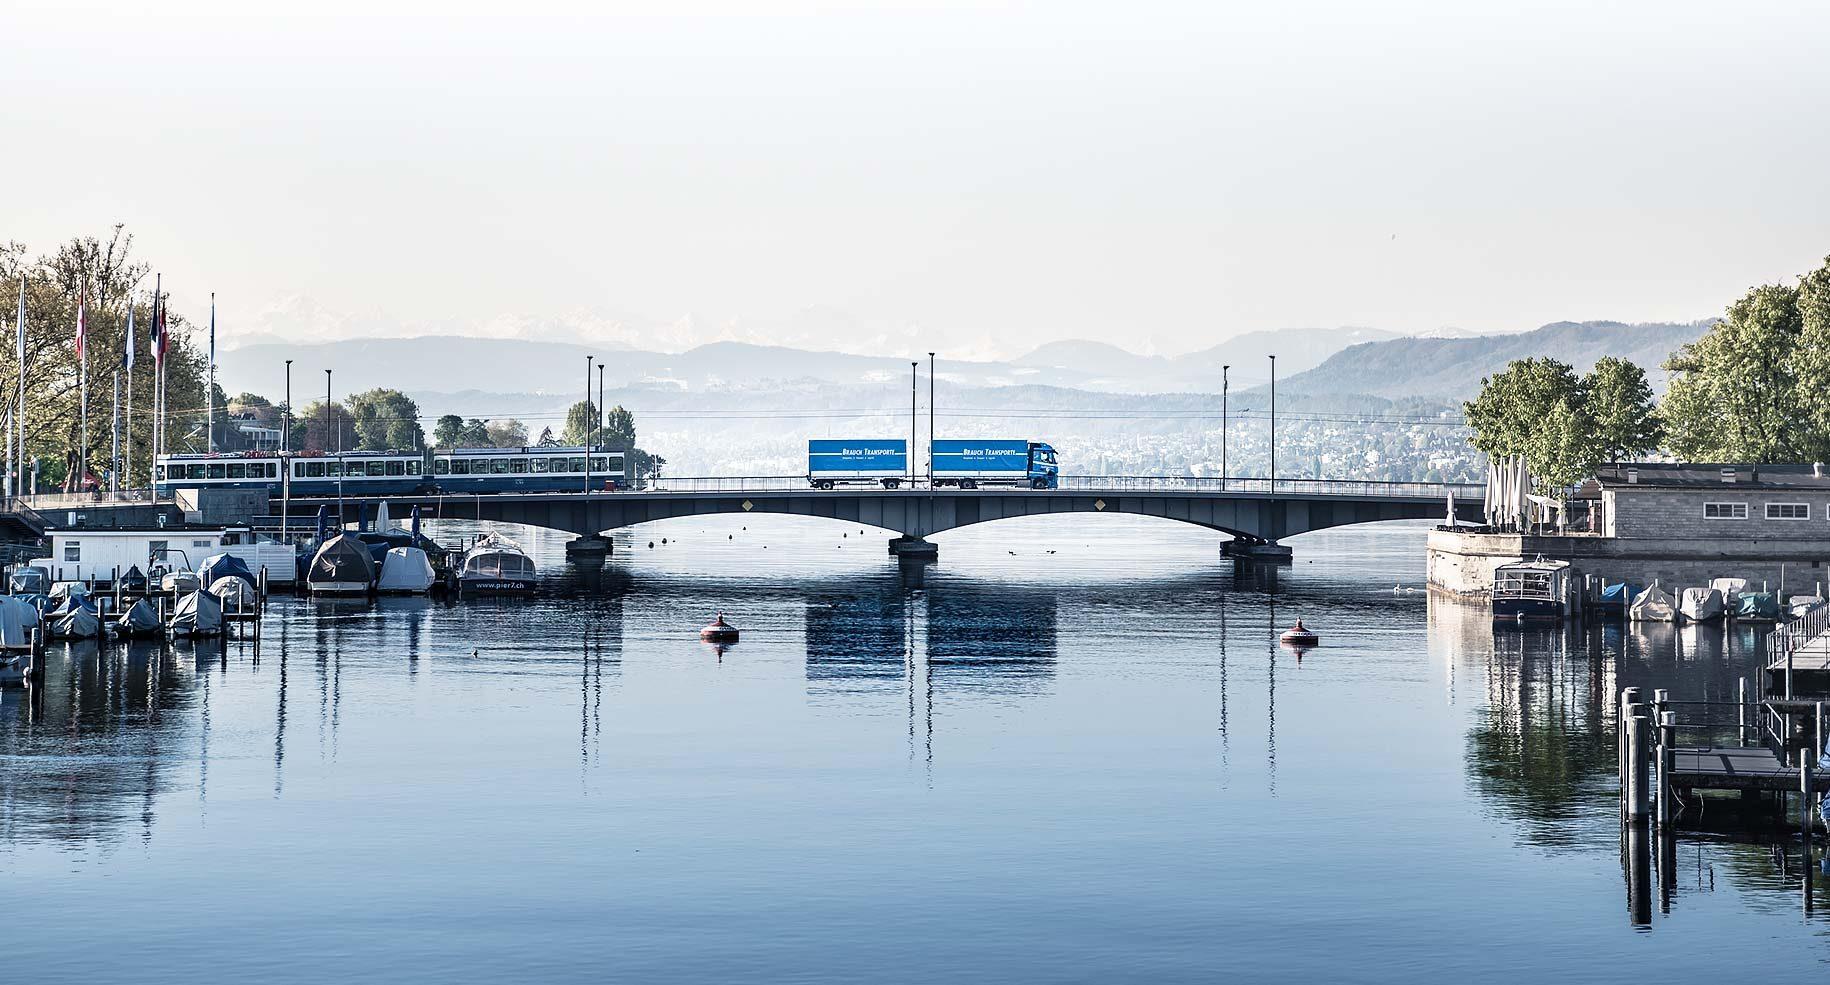 Brauch Transporte Lastwagen auf der Quai Brücke in Zürich